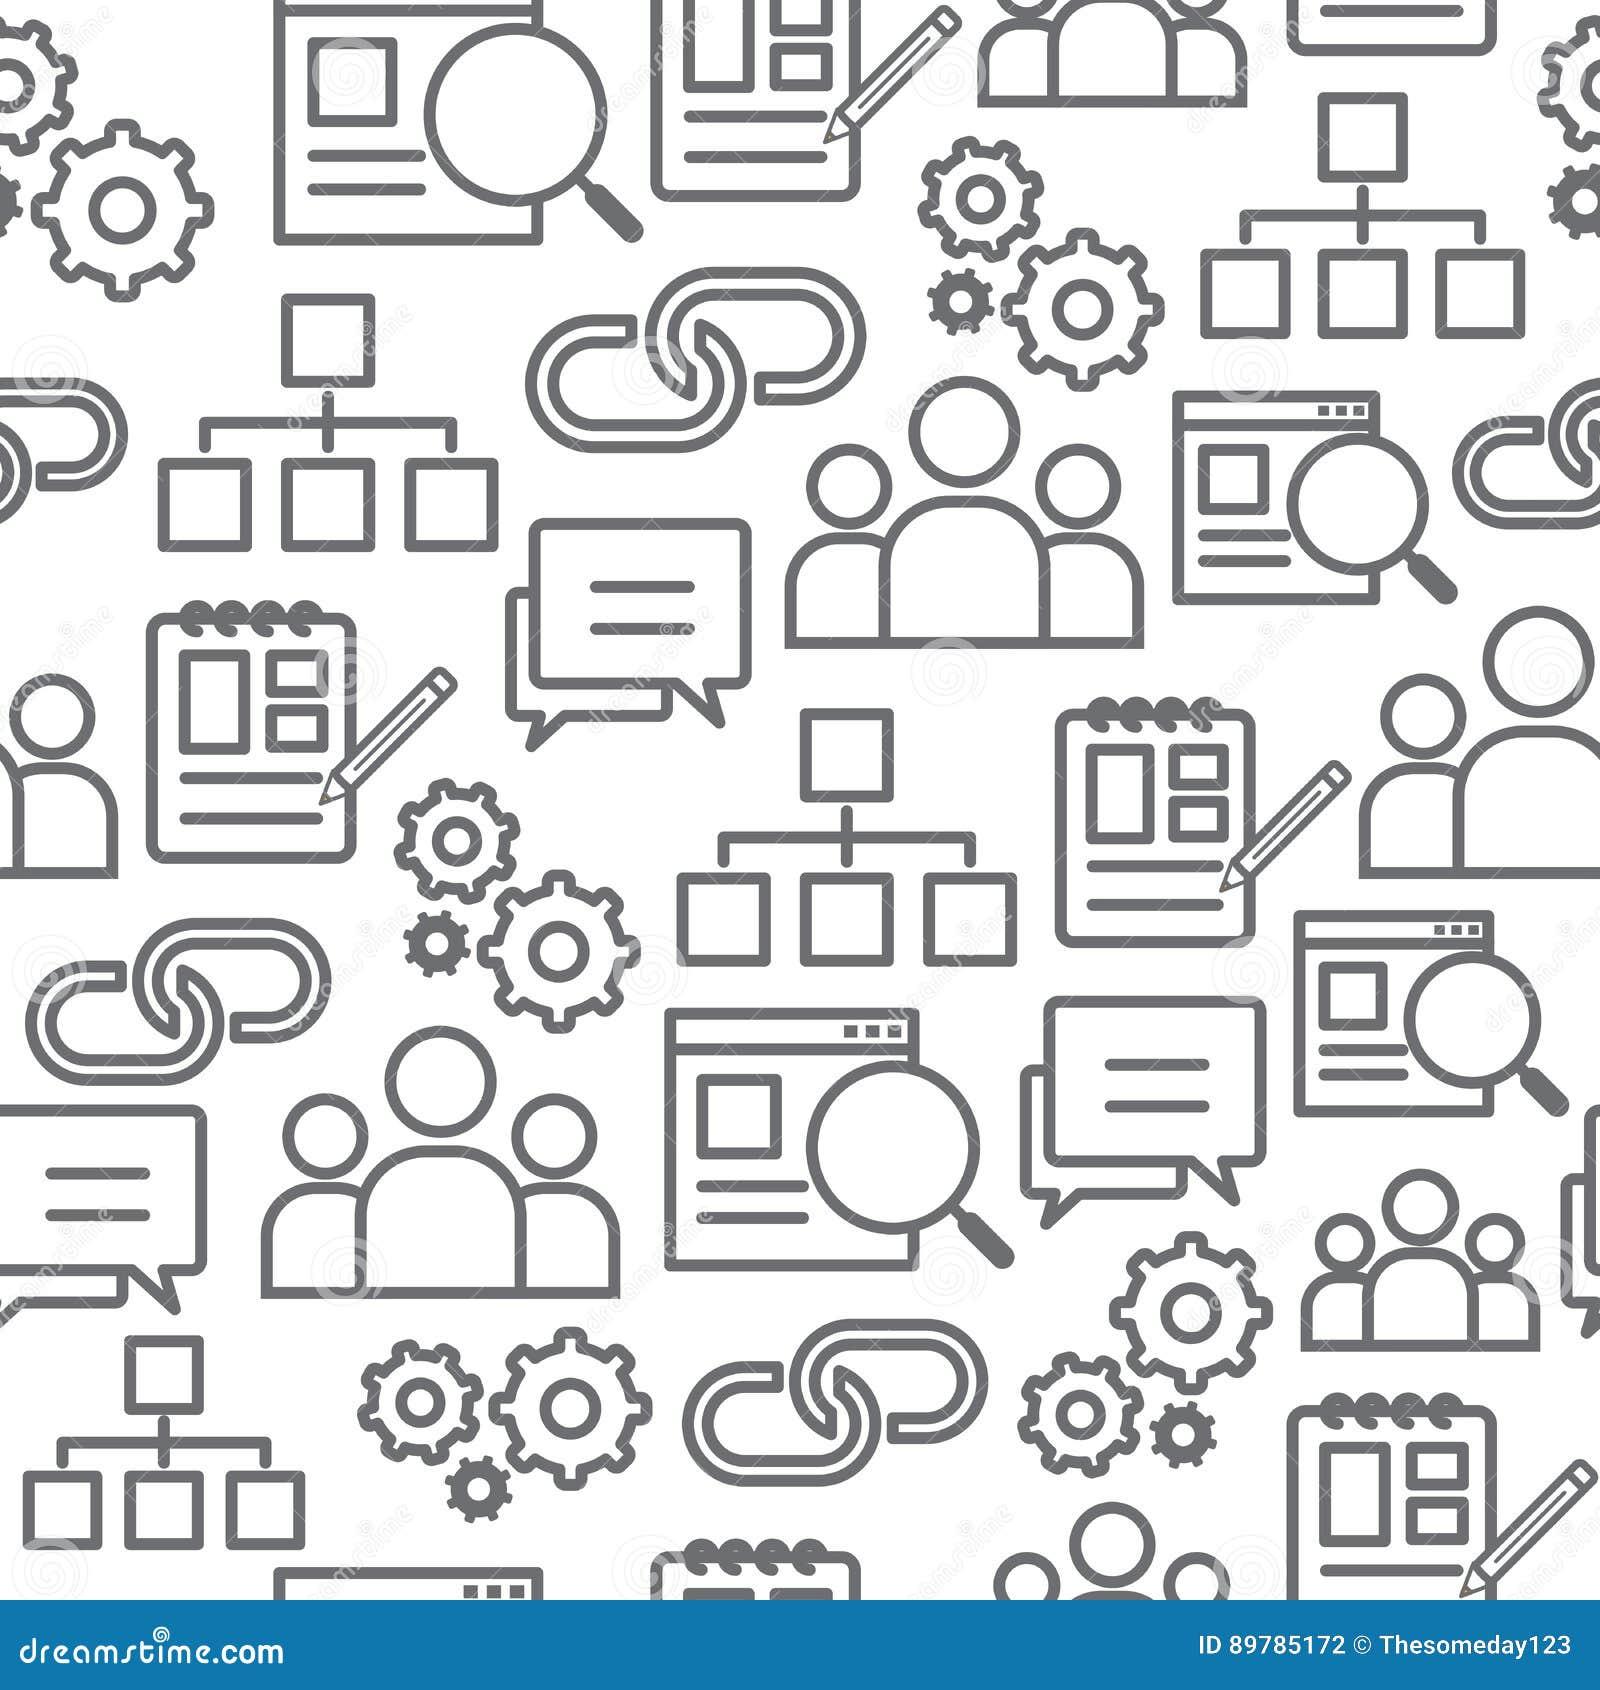 Άνευ ραφής σχέδιο εικονιδίων γραμμών, βελτιστοποίηση μηχανών αναζήτησης